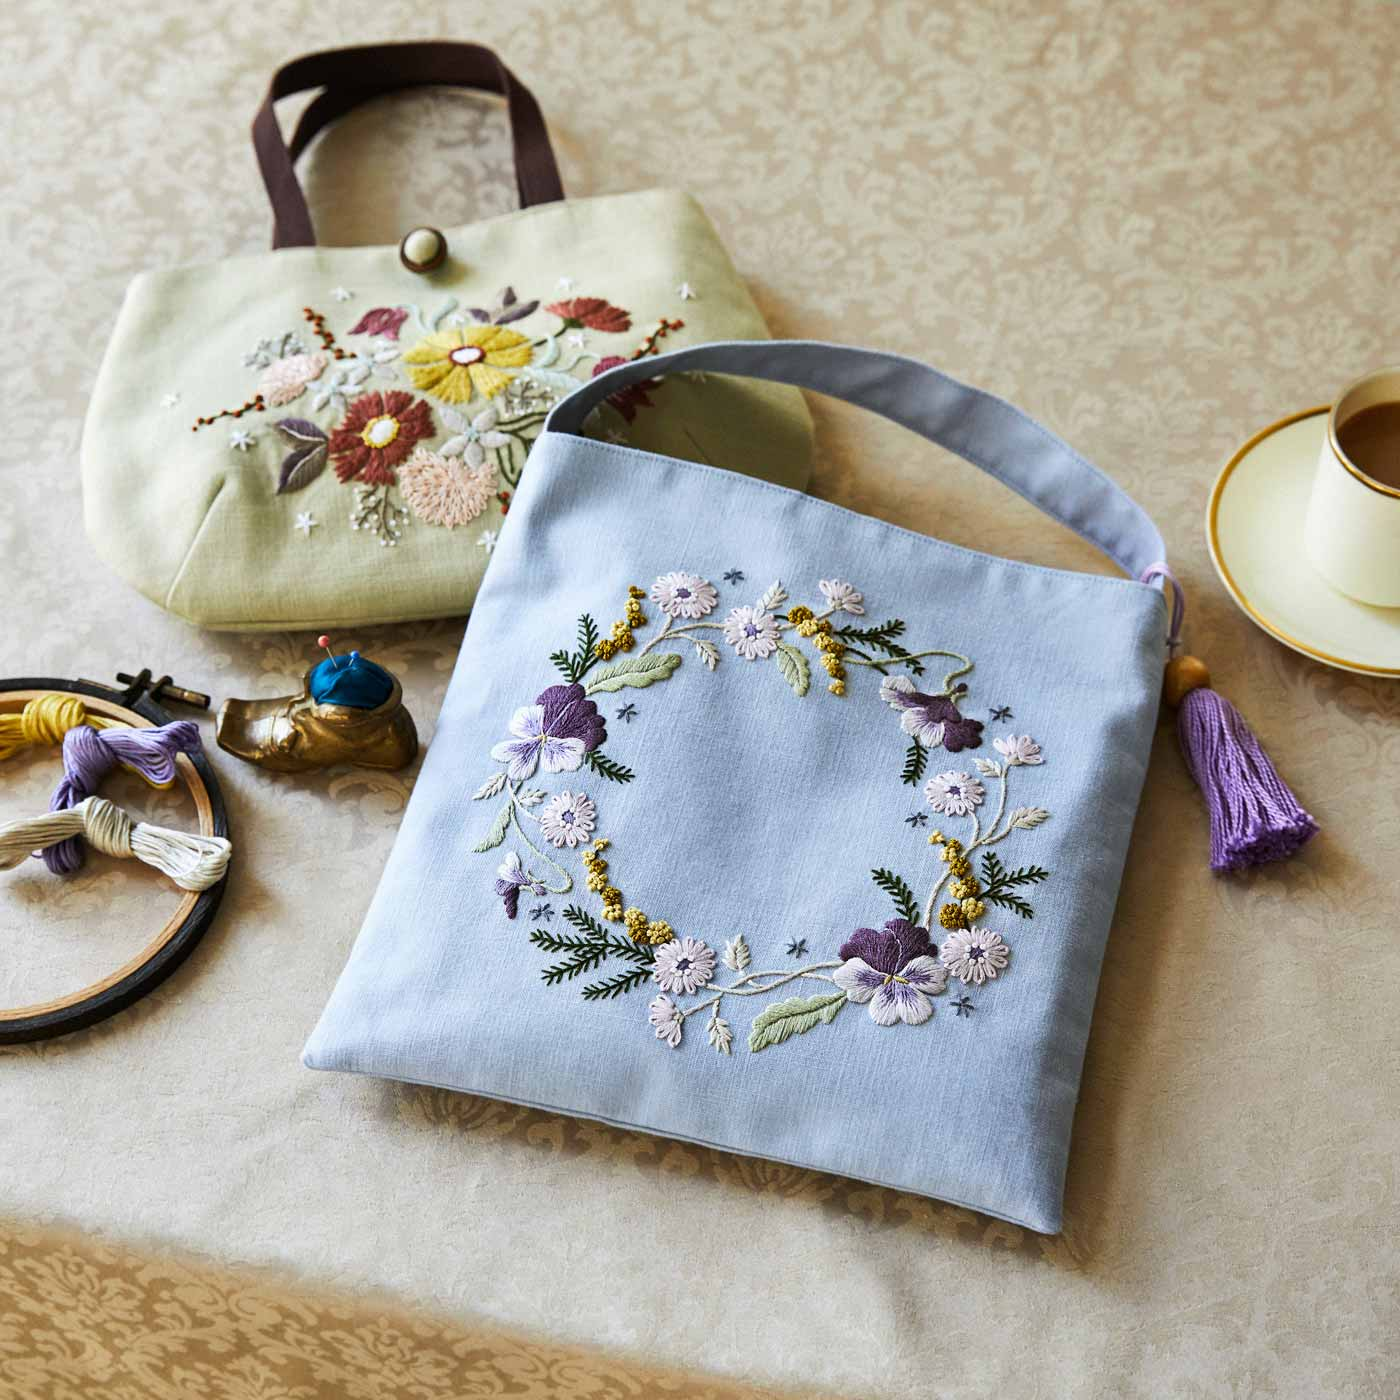 【クチュリエクラブ会員限定】可憐な花々を集めて ふだん着に華やぎを添える 蓬莱 和歌子さんの刺しゅうバッグの会